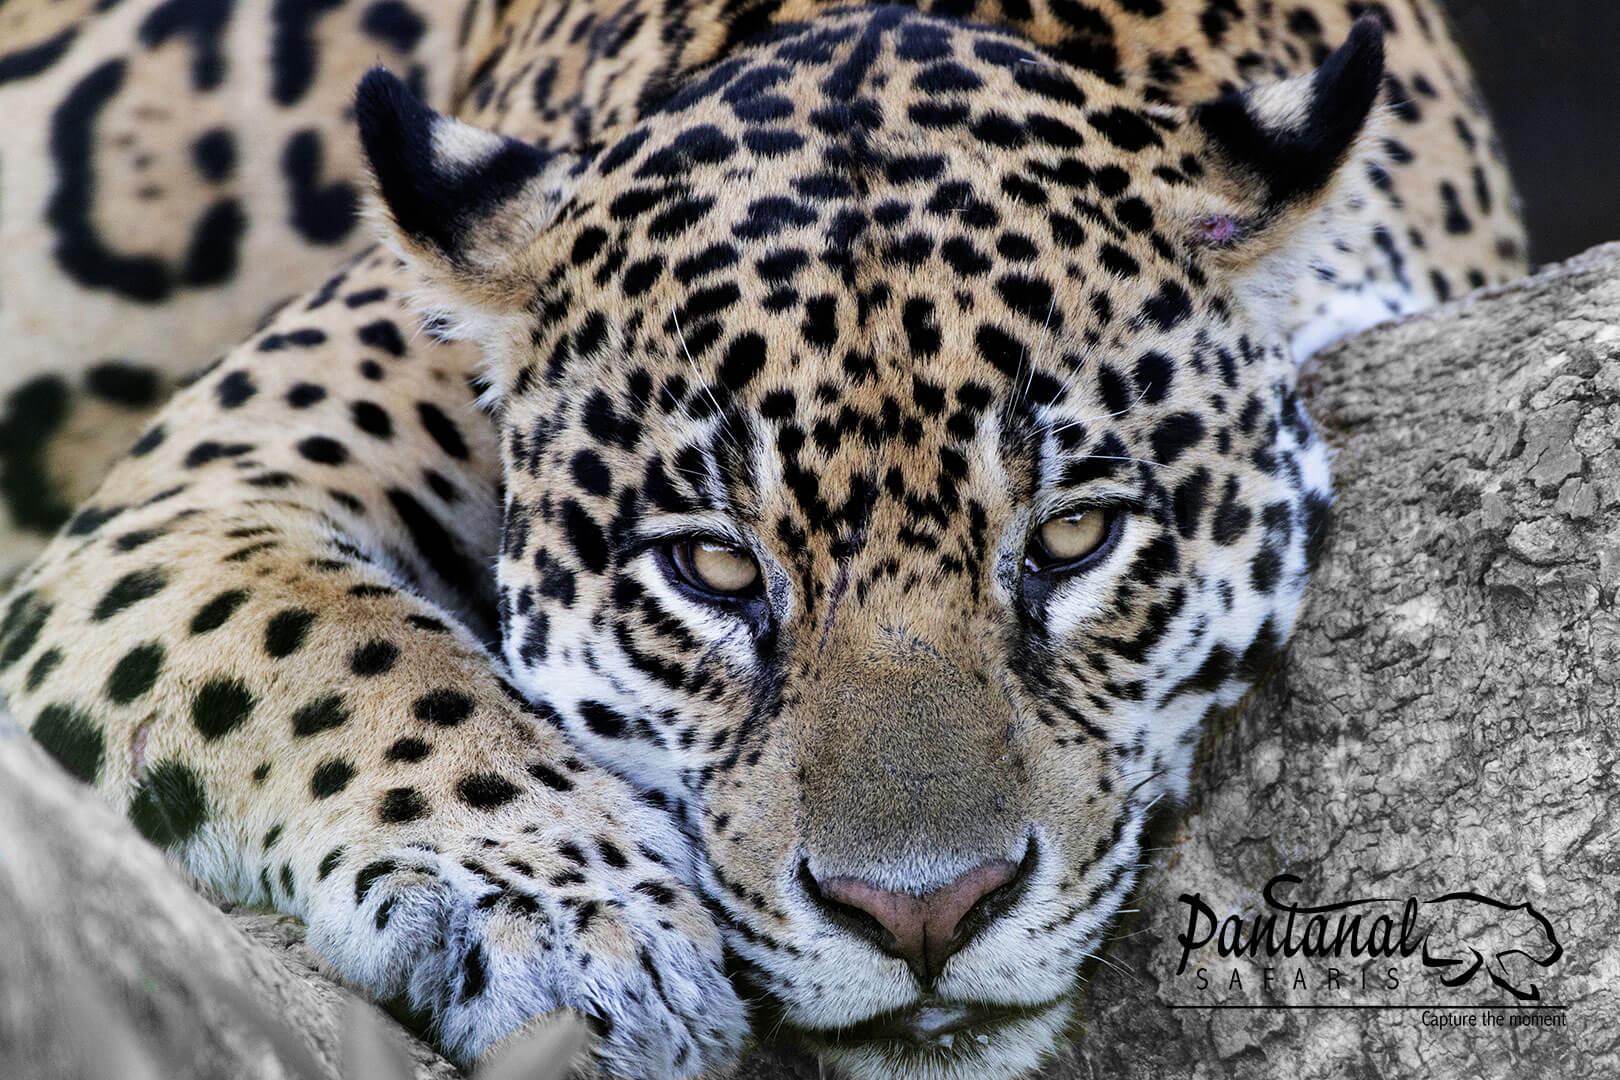 Pantanal safaris